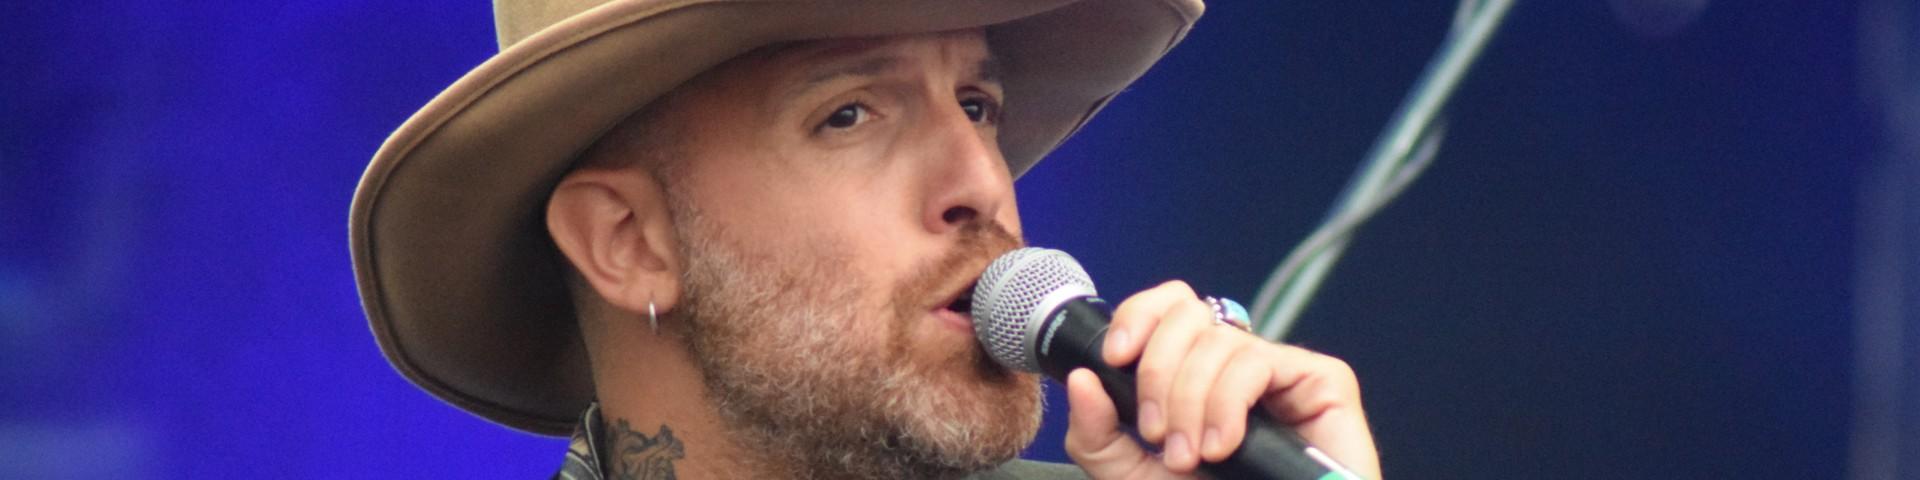 """Jack Jaselli a Home Festival 2018: """"In arrivo un tour molto particolare"""" - Video intervista"""